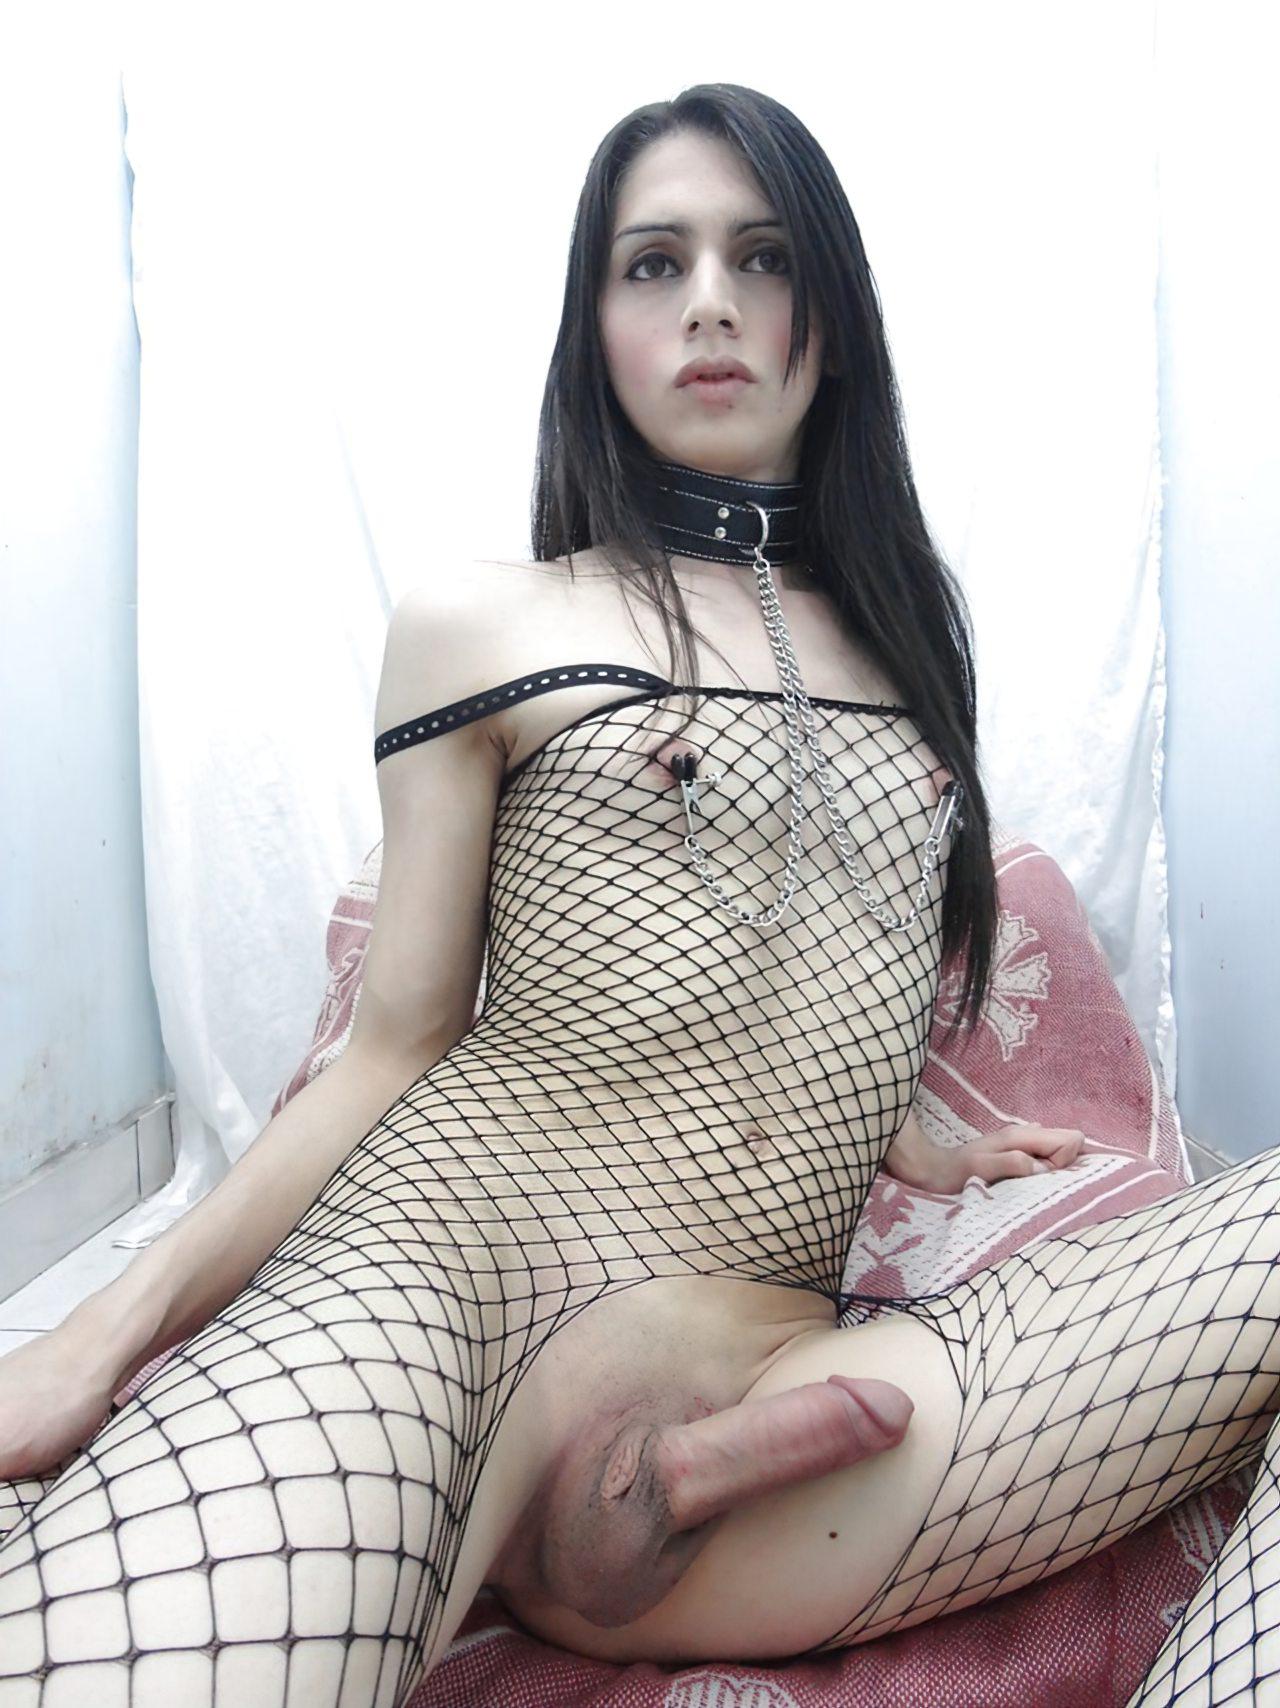 Travestis Nuas (31)